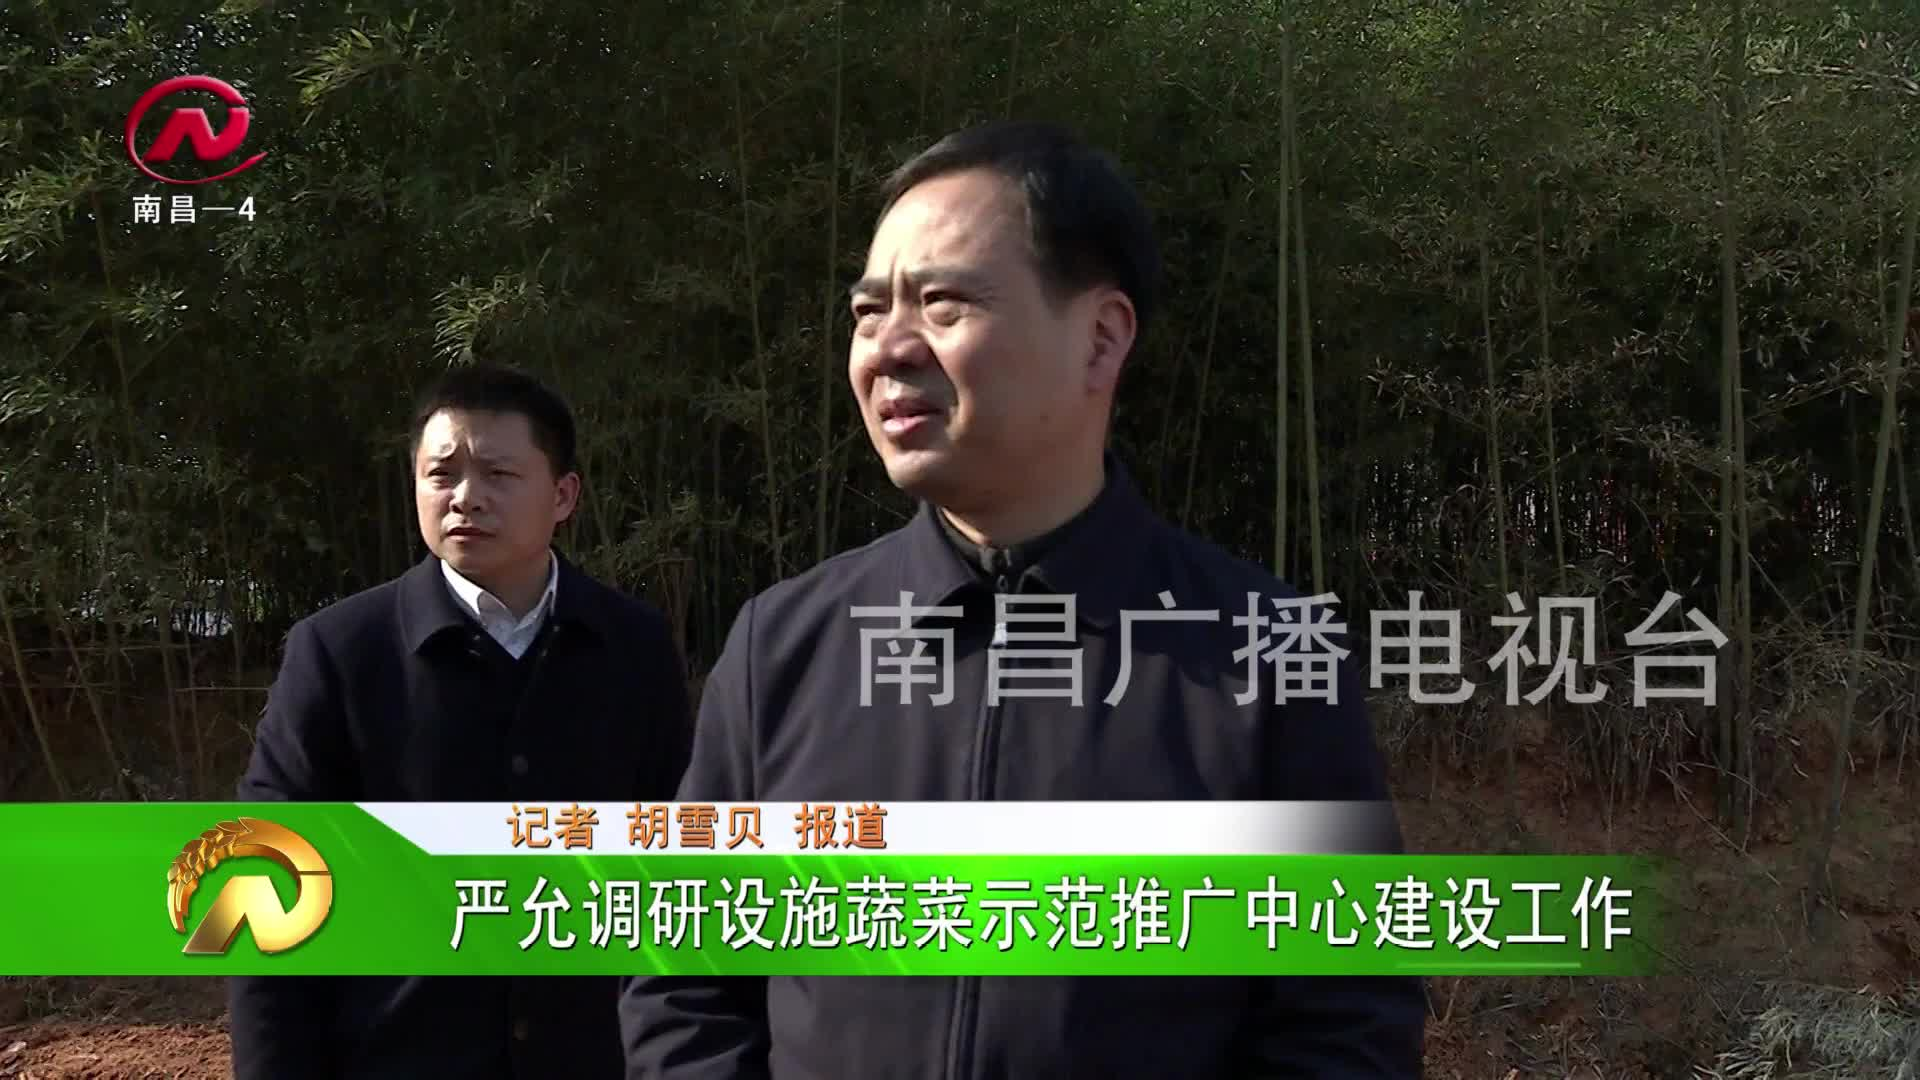 【豫章农视】严允调研设施蔬菜示范推广中心建设工作